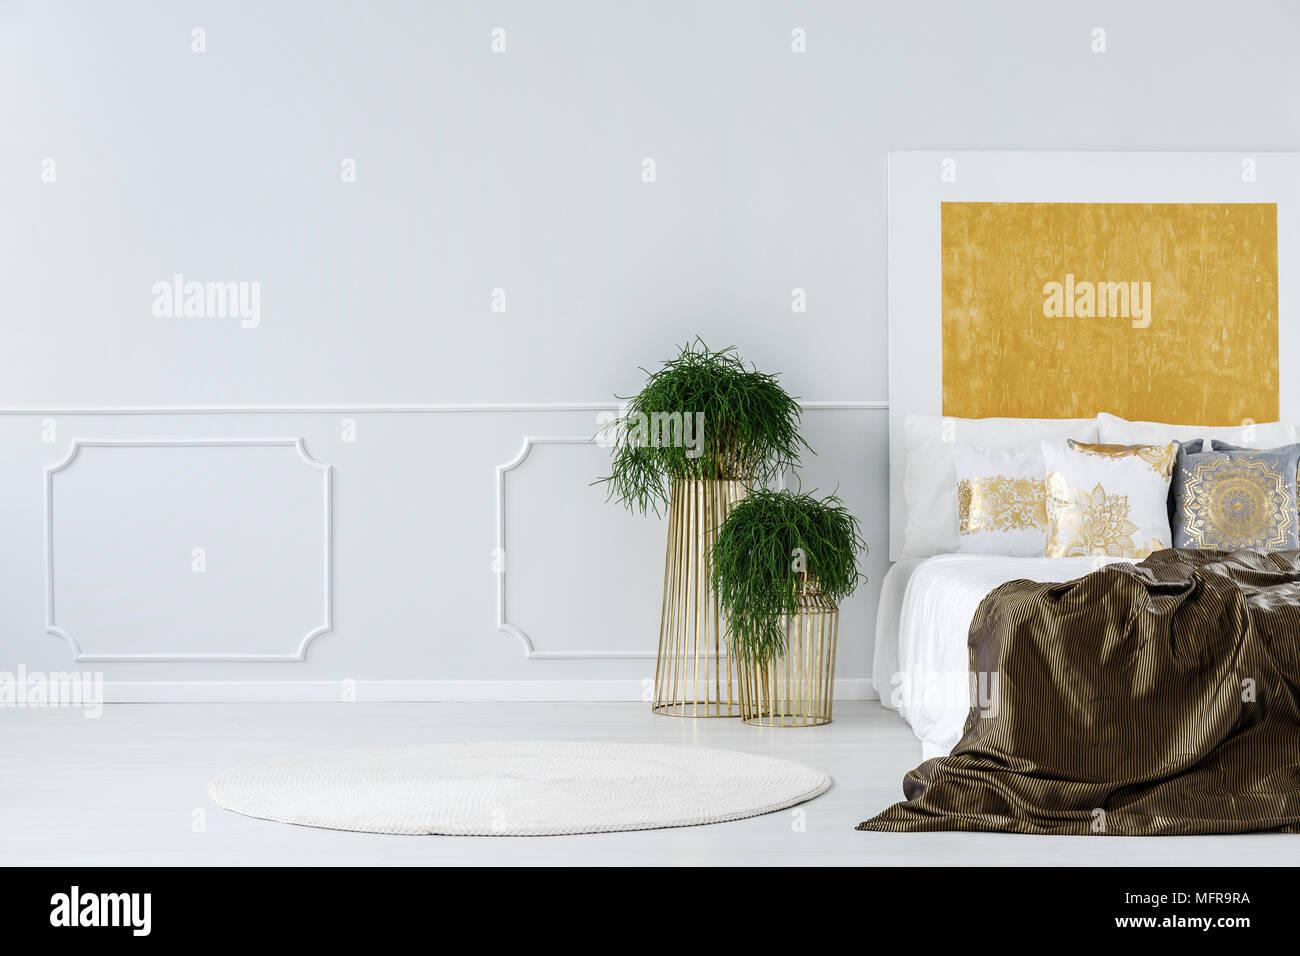 Pianta Camera Da Letto Matrimoniale : Piante in vaso sul design moderno metallo dorato tabelle accanto a